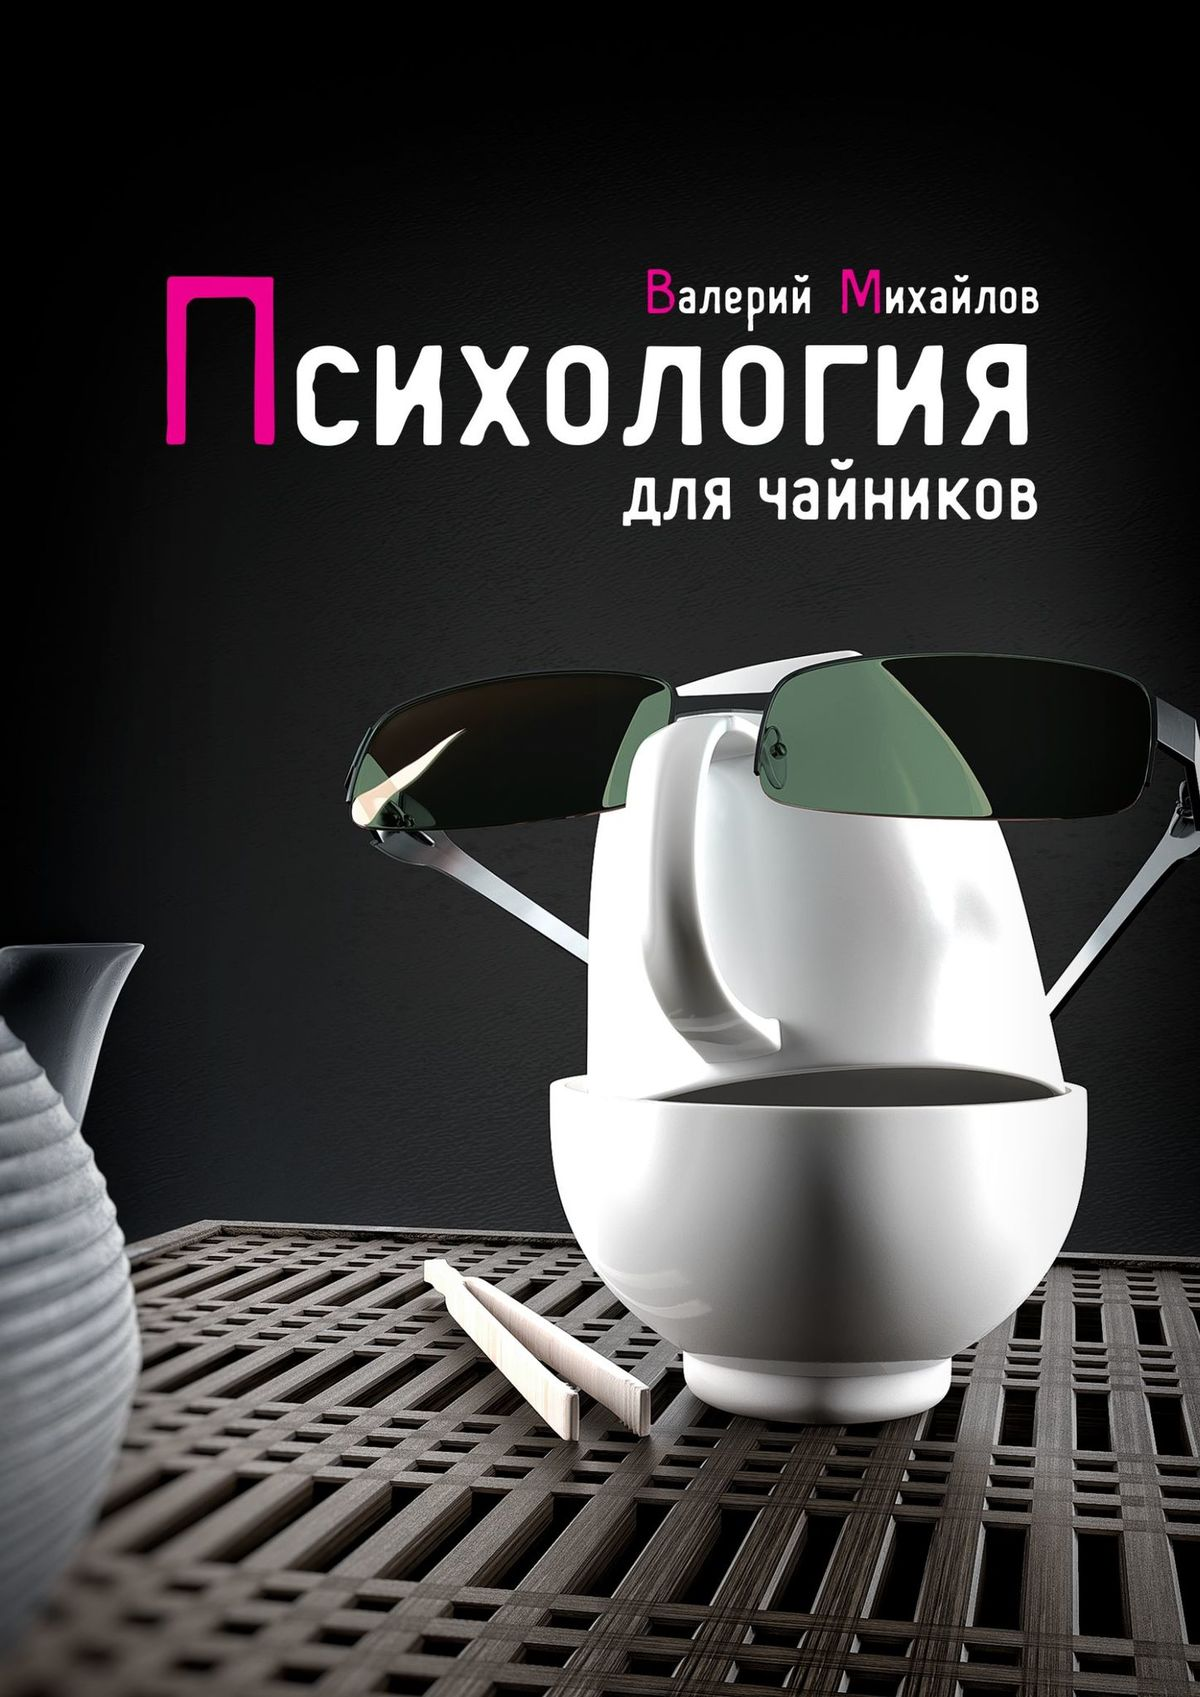 Валерий Михайлов Психология для чайников томашевский д планшеты с android для чайников